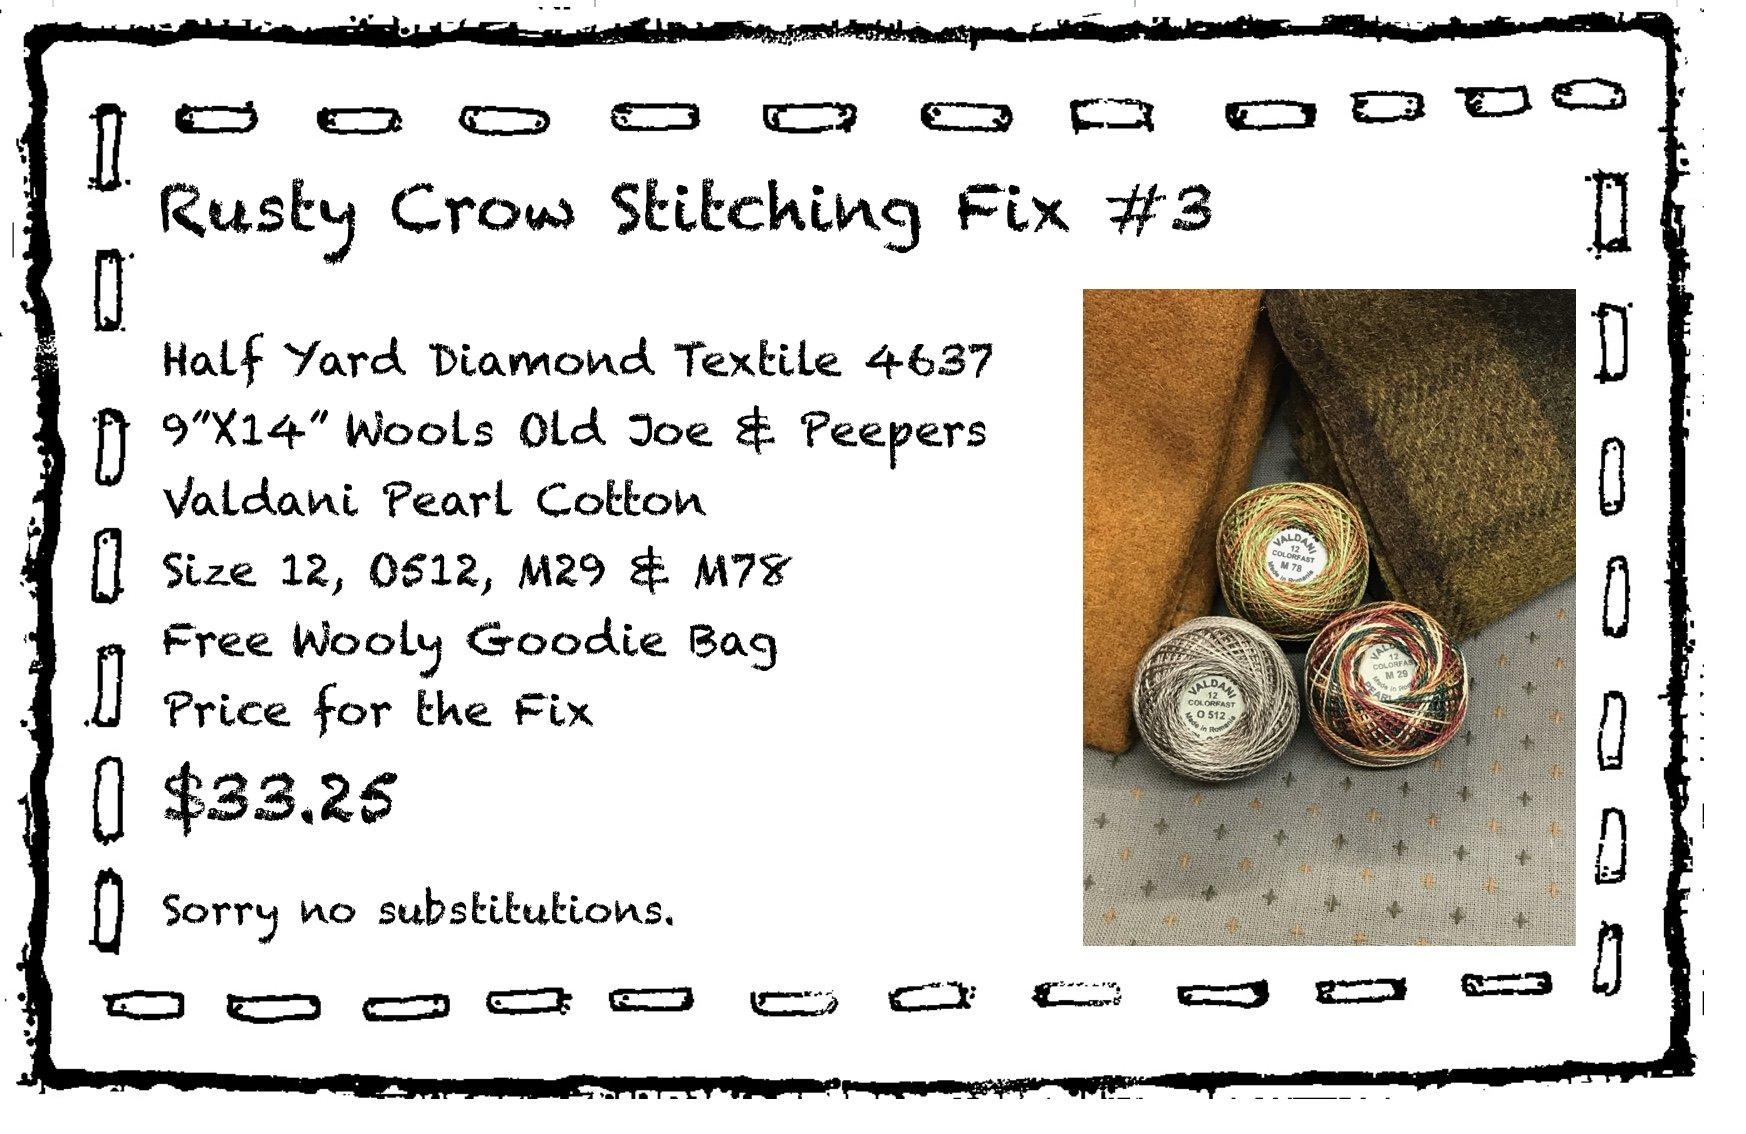 Stitching Fix #3